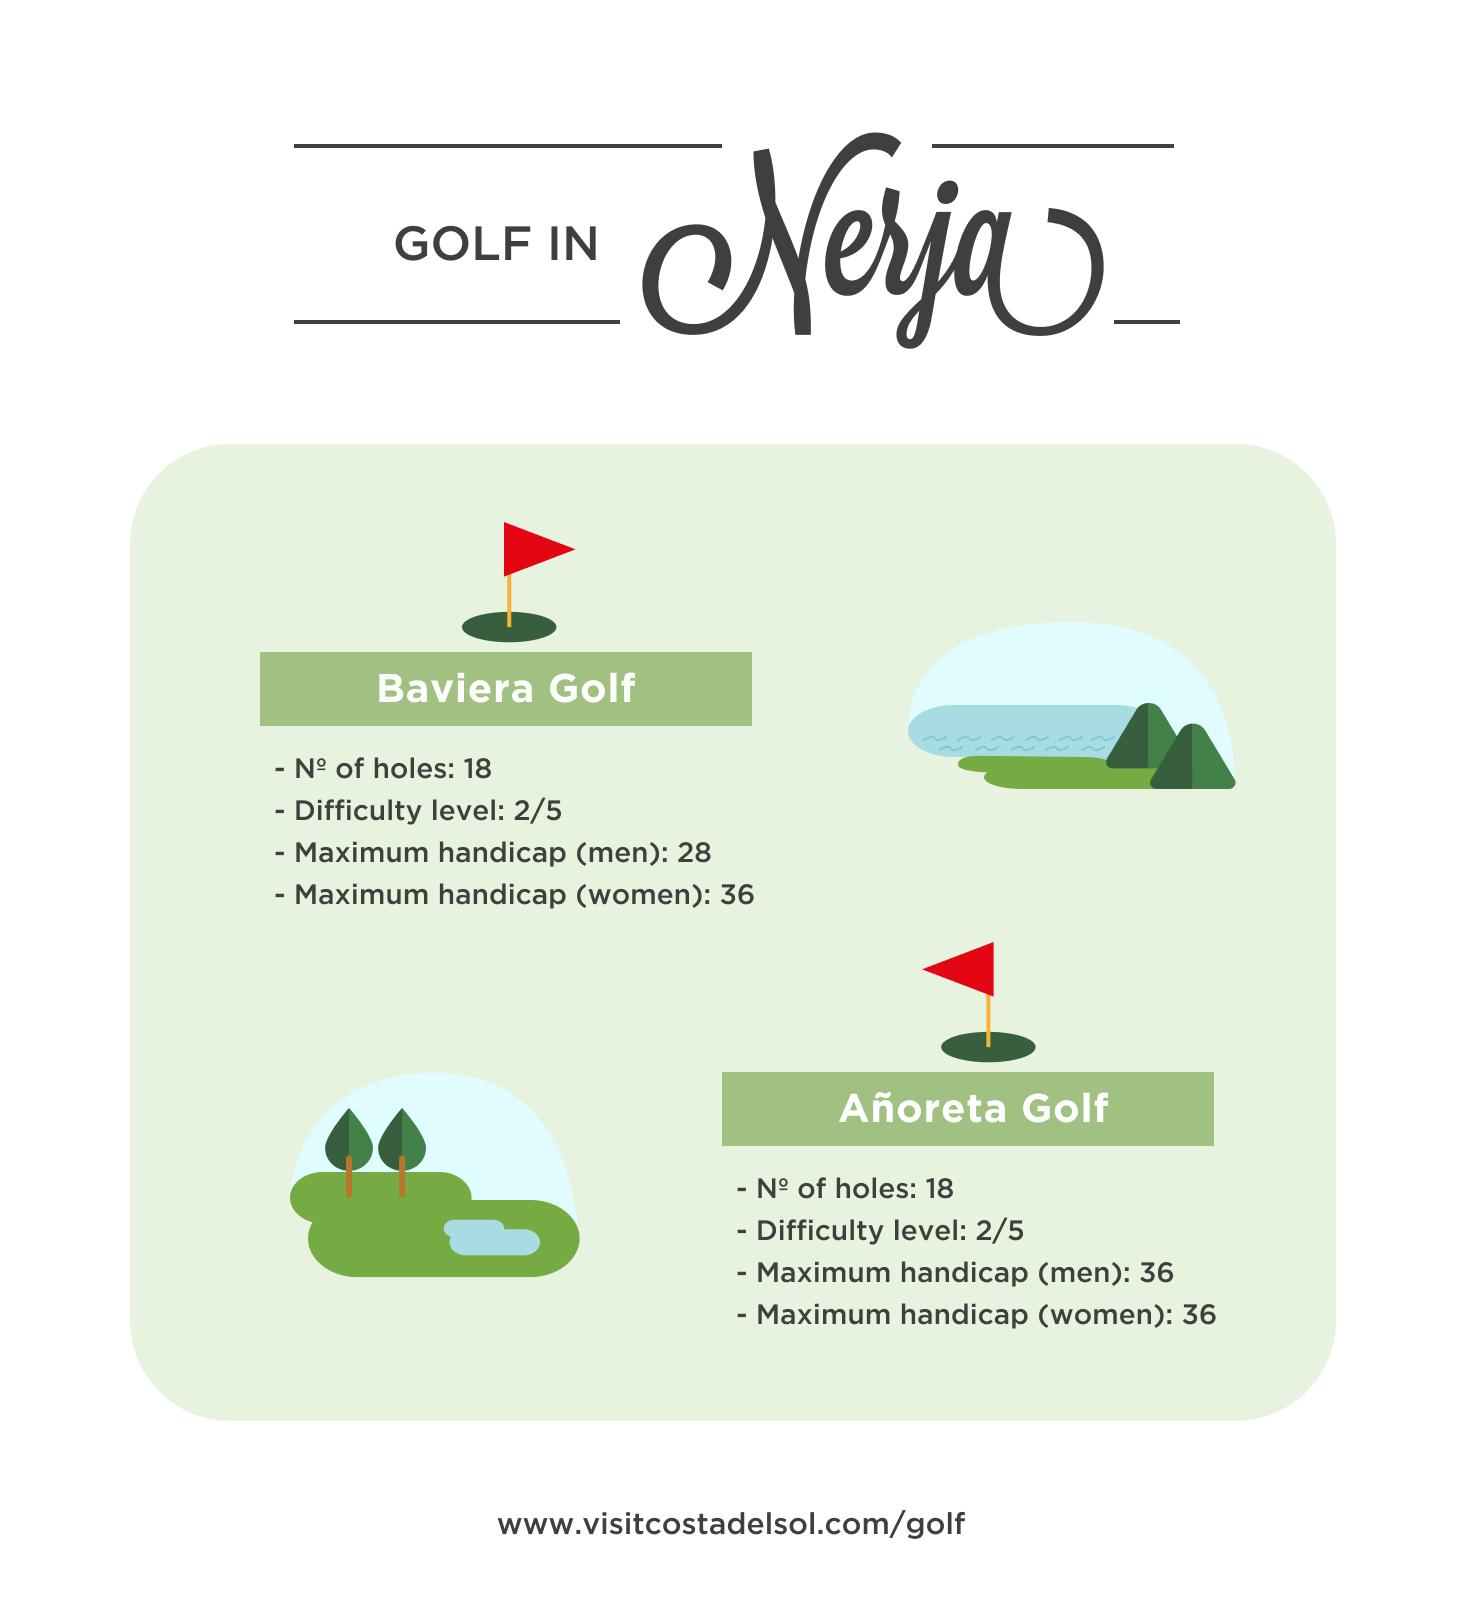 Golf Nerja